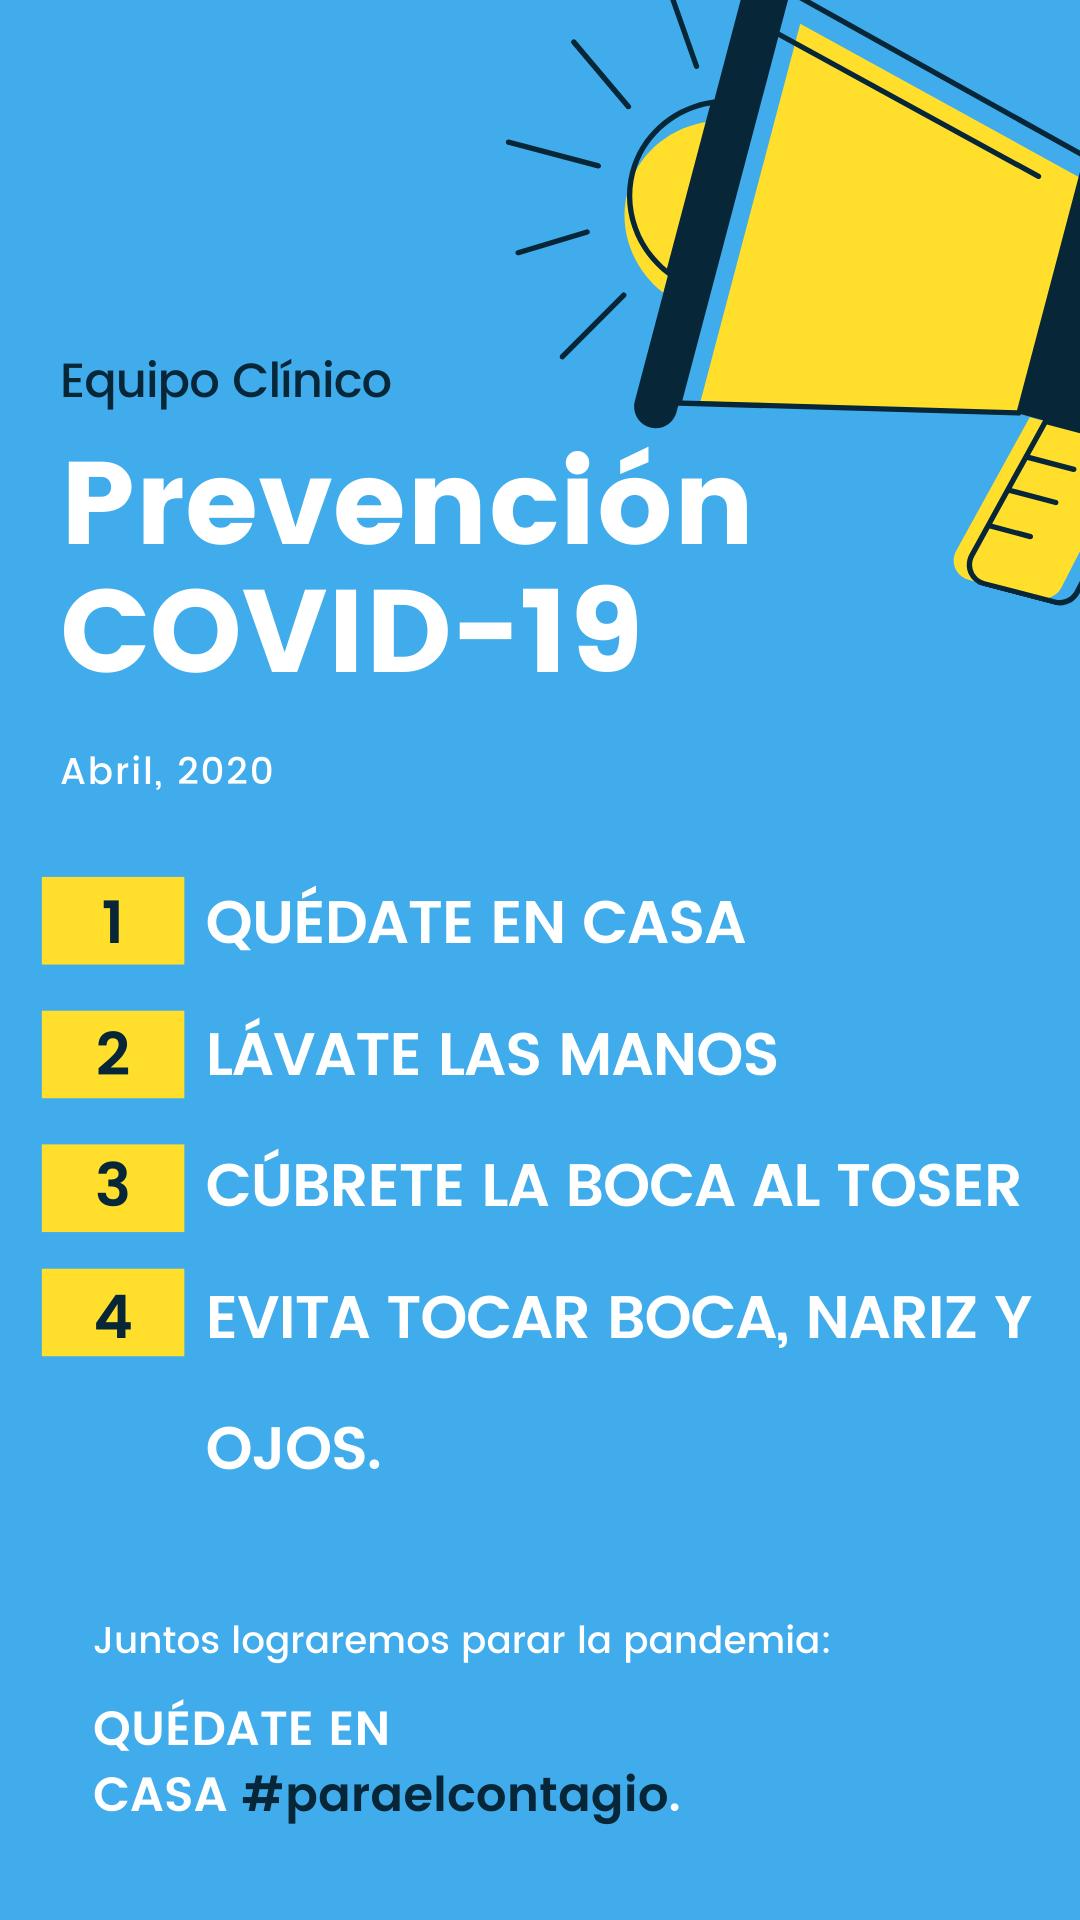 Prevensión COVID-19